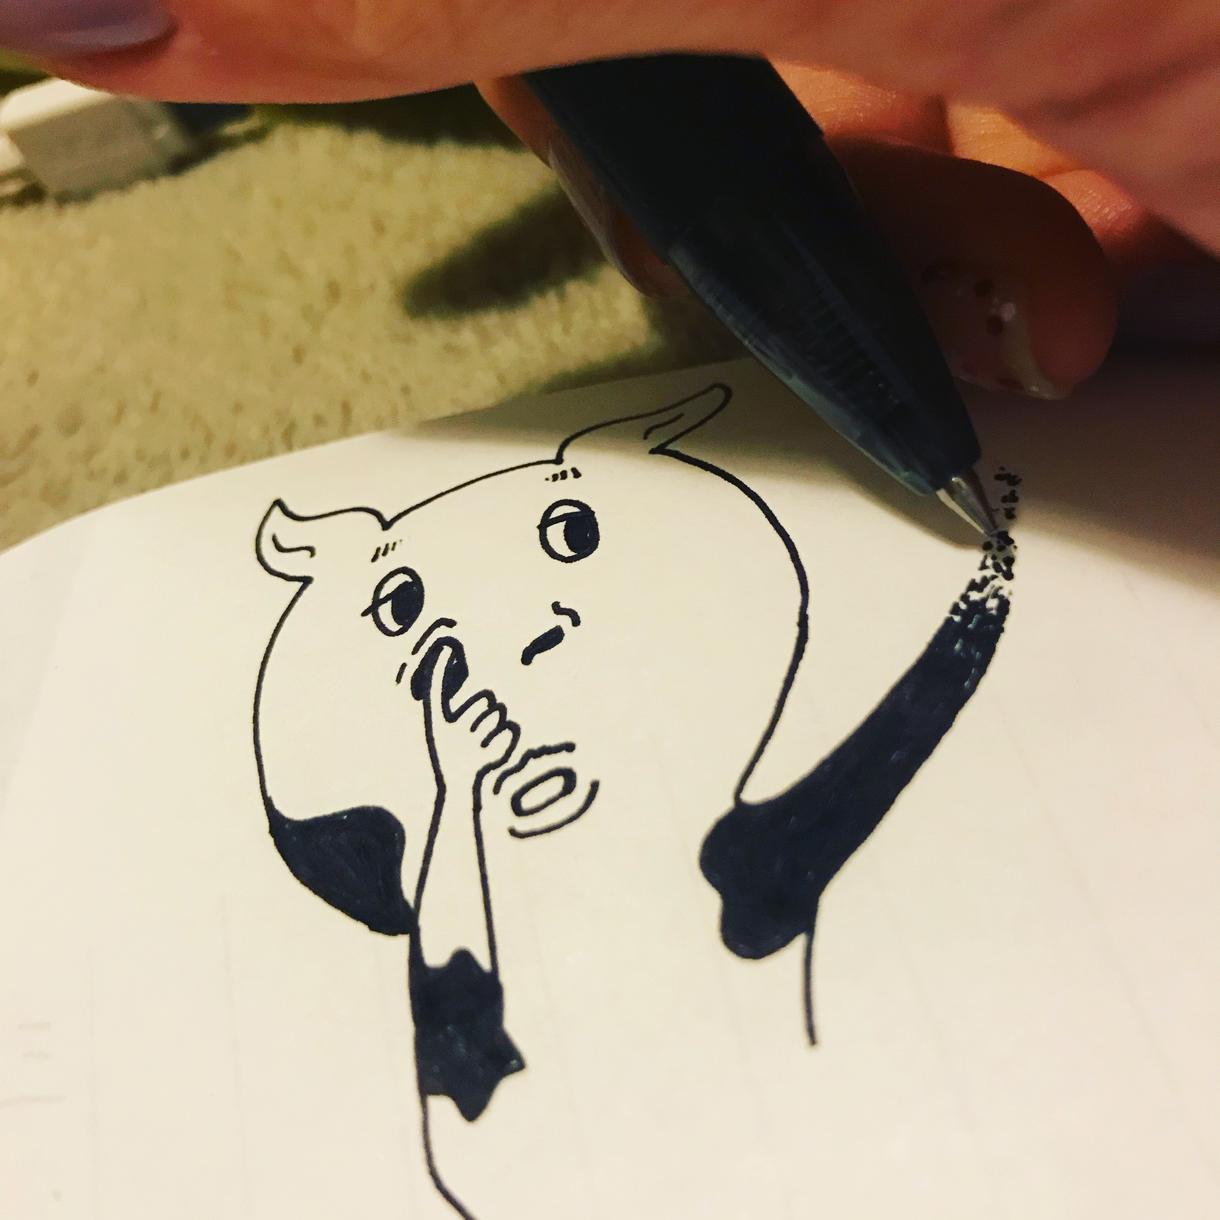 イラスト描いてます 机の上の落書きにしてはうますぎる!?